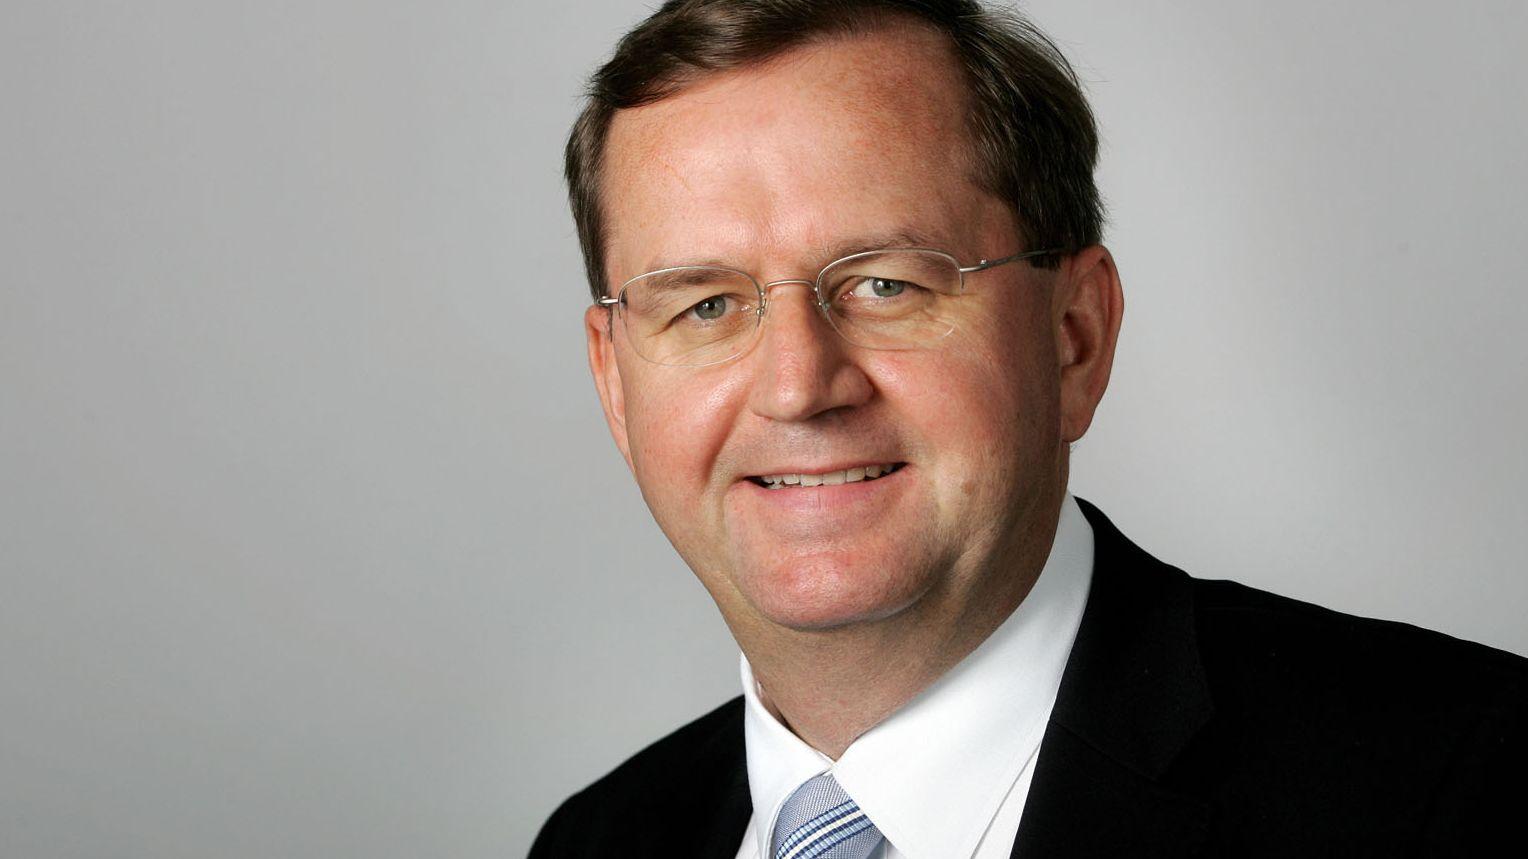 Neuzugang-Hans-Peter-Siebenhaar-bernimmt-die-Kommunikationsleitung-der-OMV